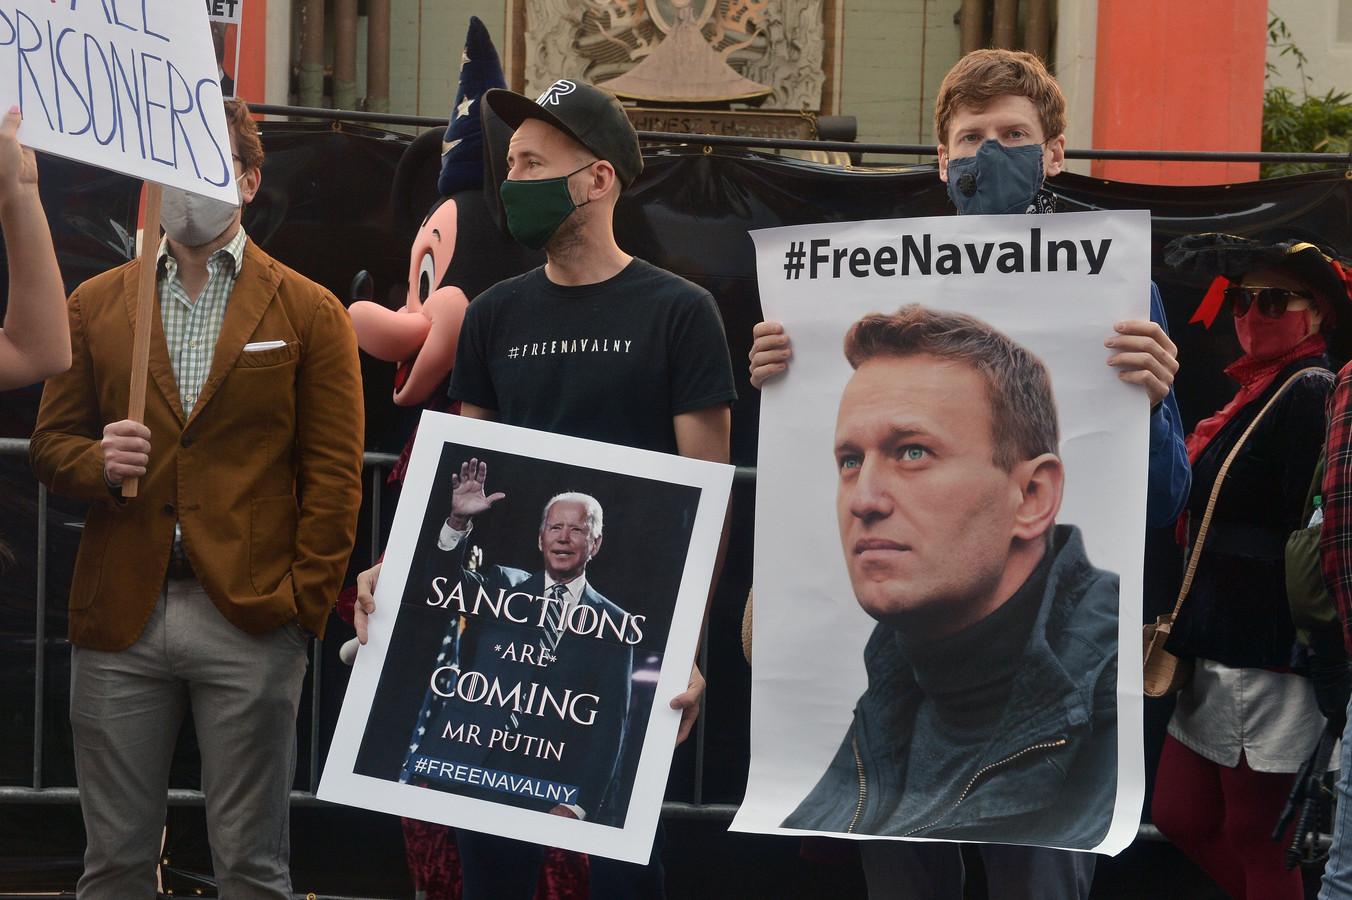 Volgens Rusland namen diplomaten uit Duitsland, Polen en Zweden deel aan demonstraties voor de gevangen Russische oppositieleider Navalny.